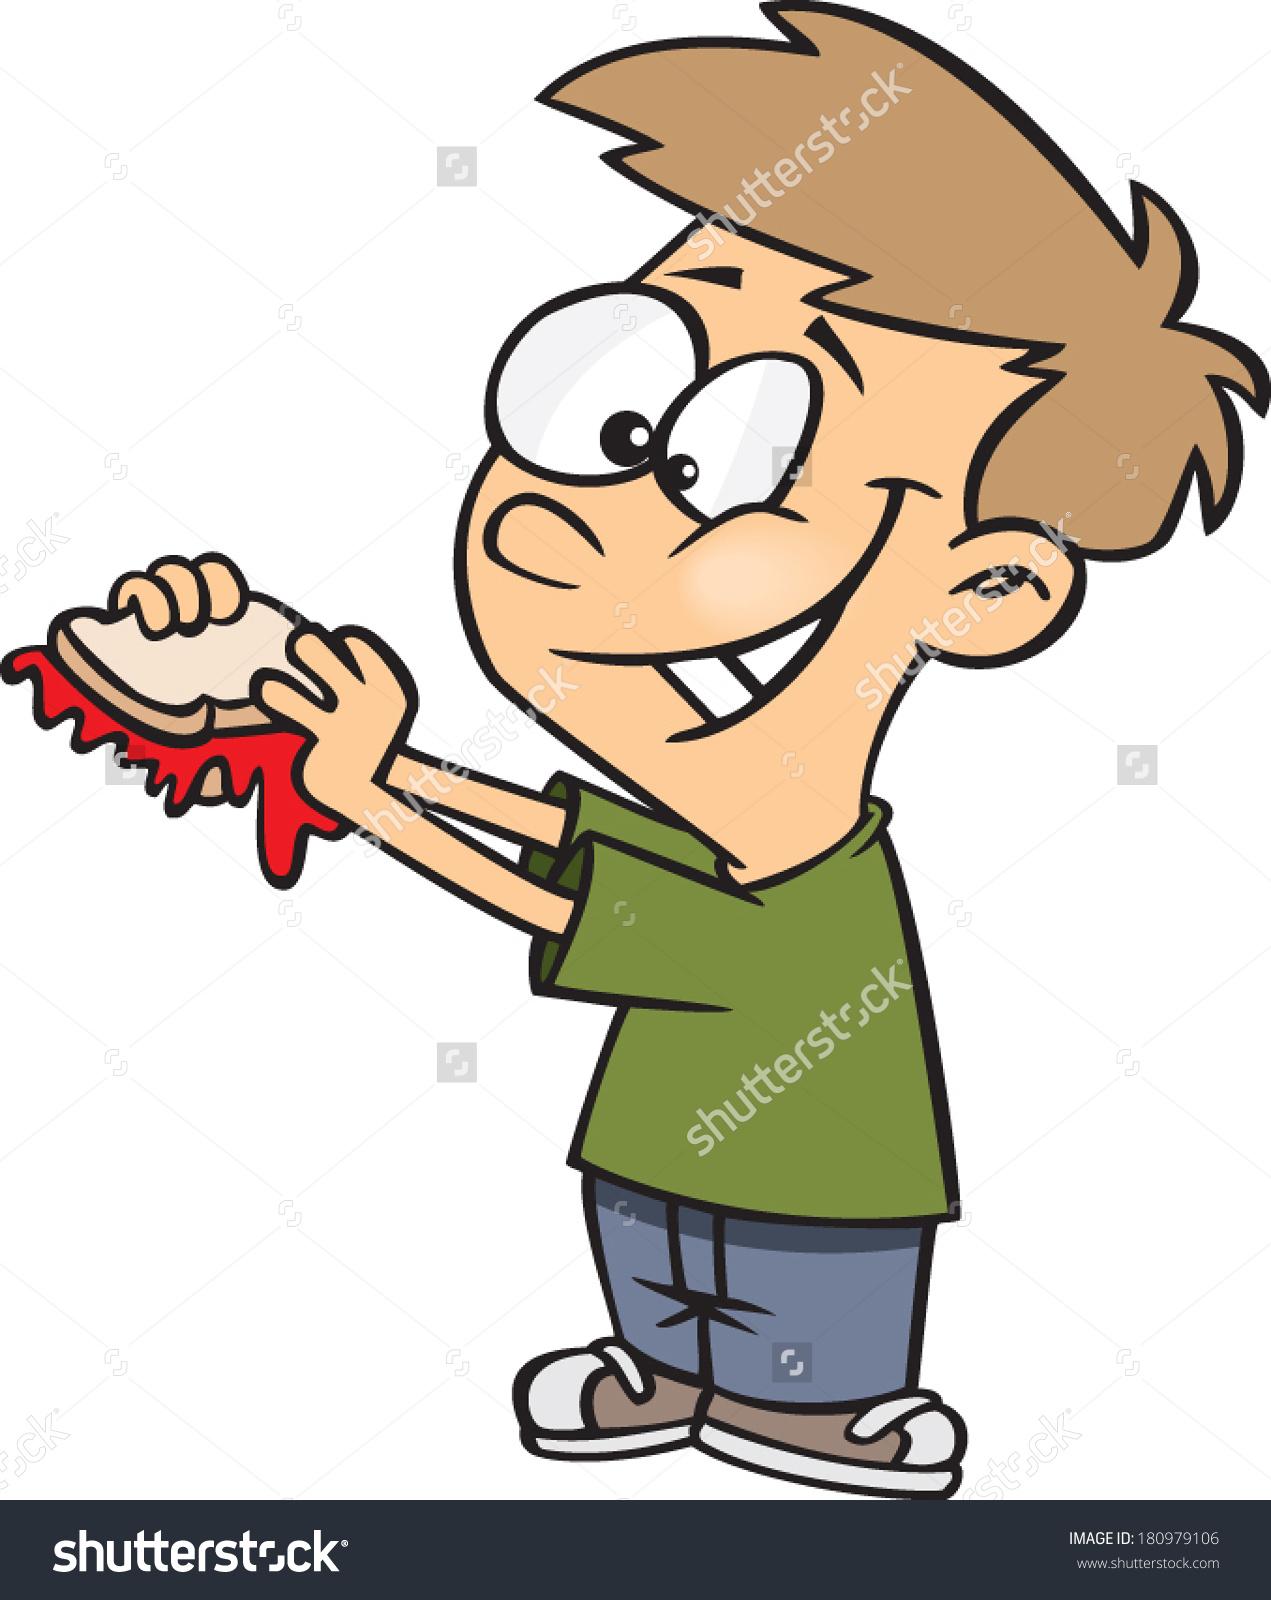 Cartoon Boy About Eat Jam Sandwich Stock Vector 180979106.